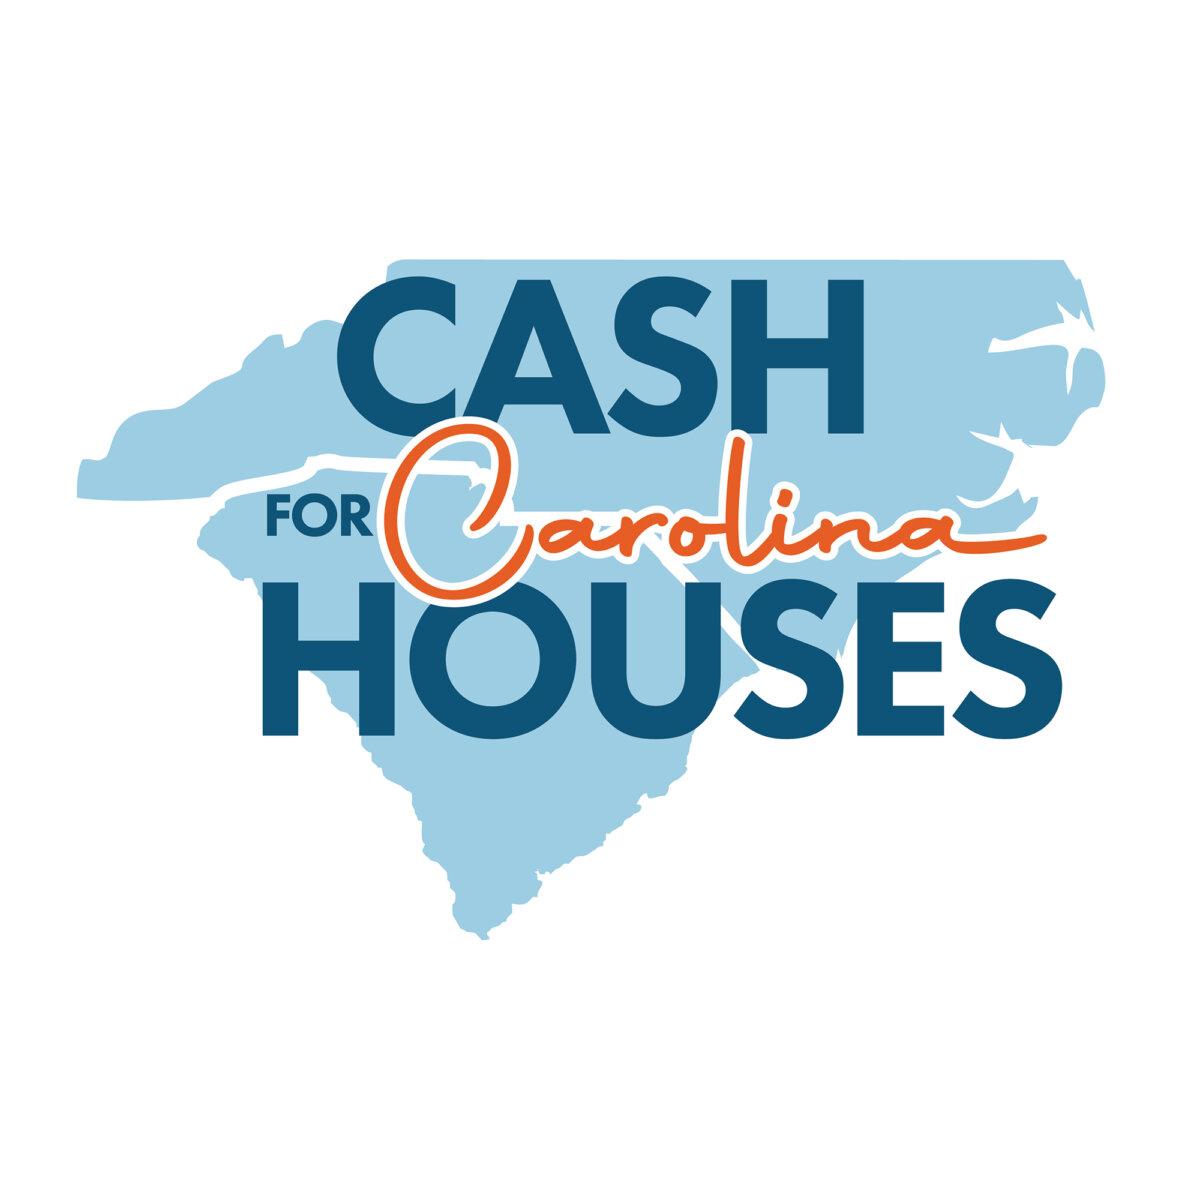 Cash for Carolina Houses logo